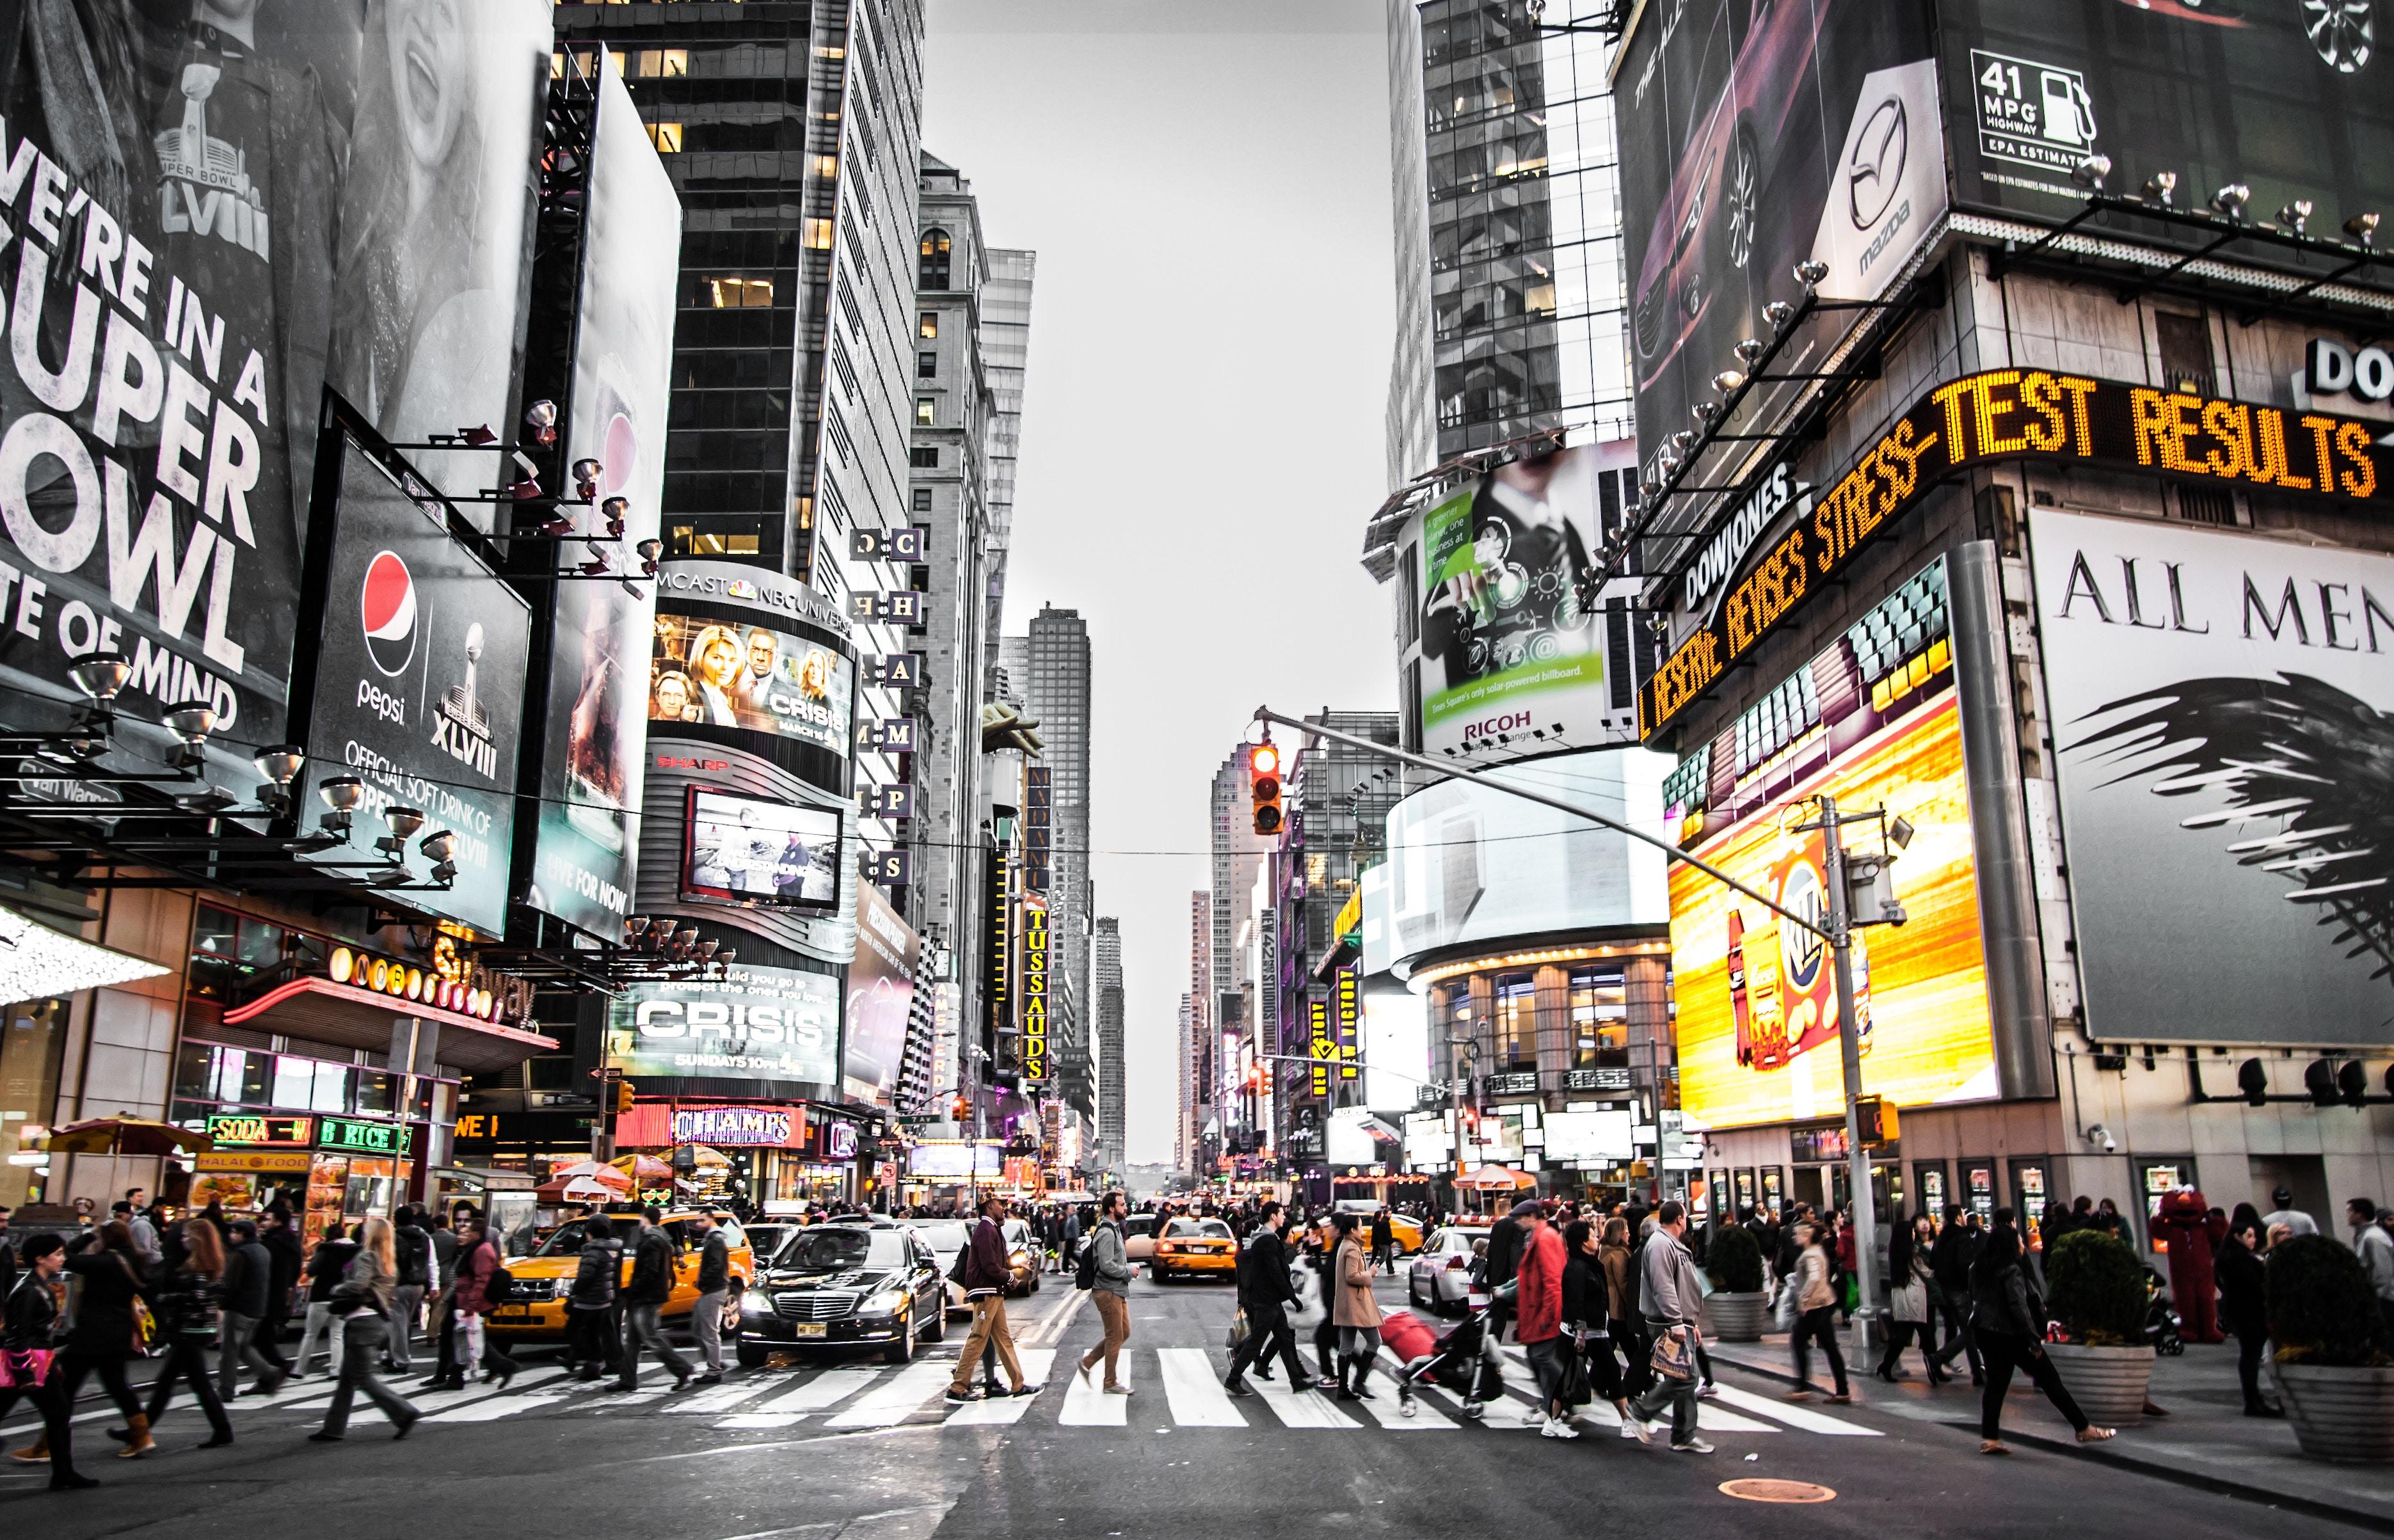 アドセンスを自動広告から手動広告に切り替えたら収益が38倍になった